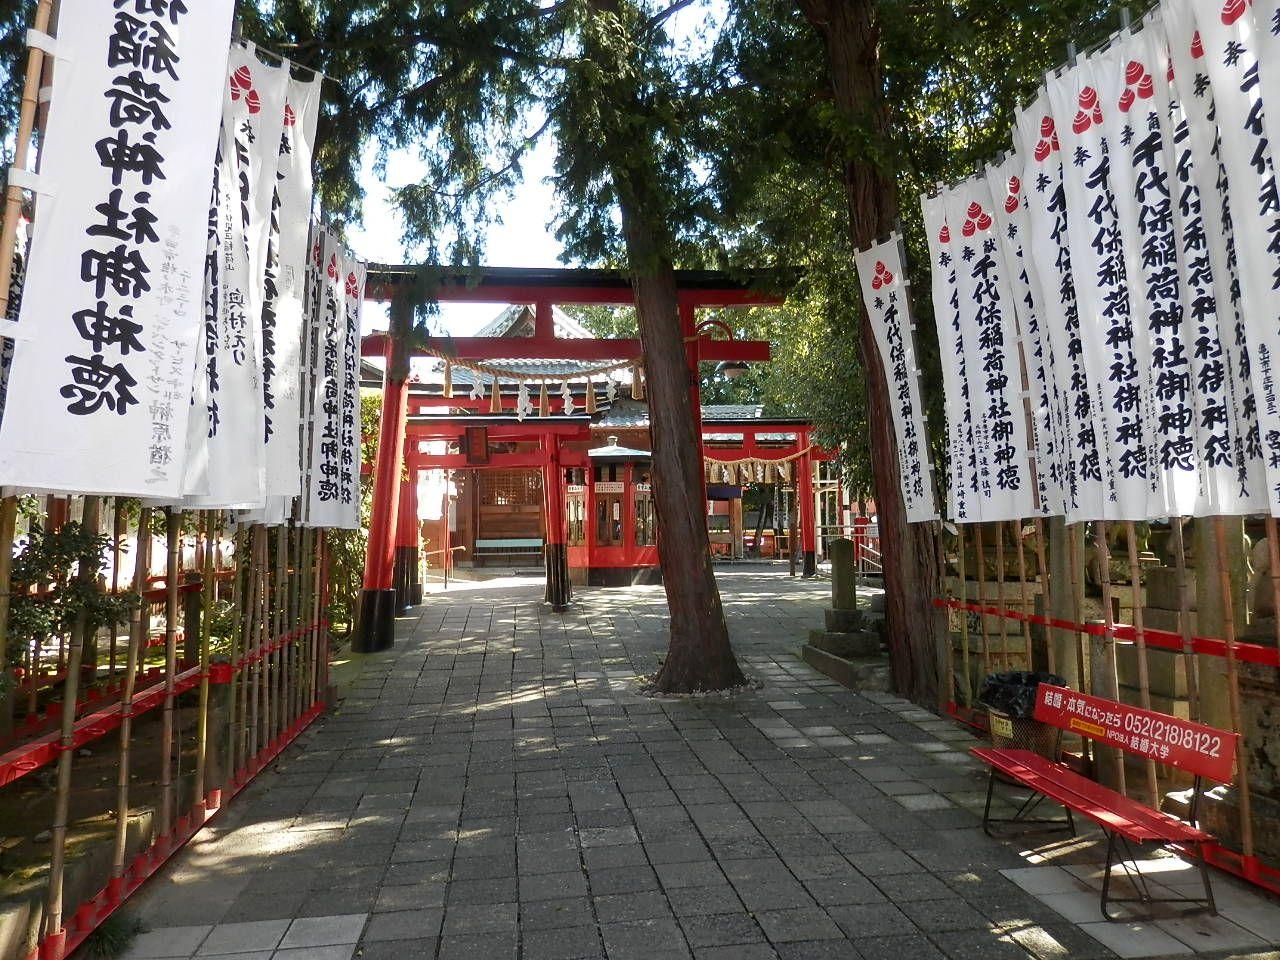 参道散策が楽しい&美味しい!岐阜県海津市「千代保稲荷神社」